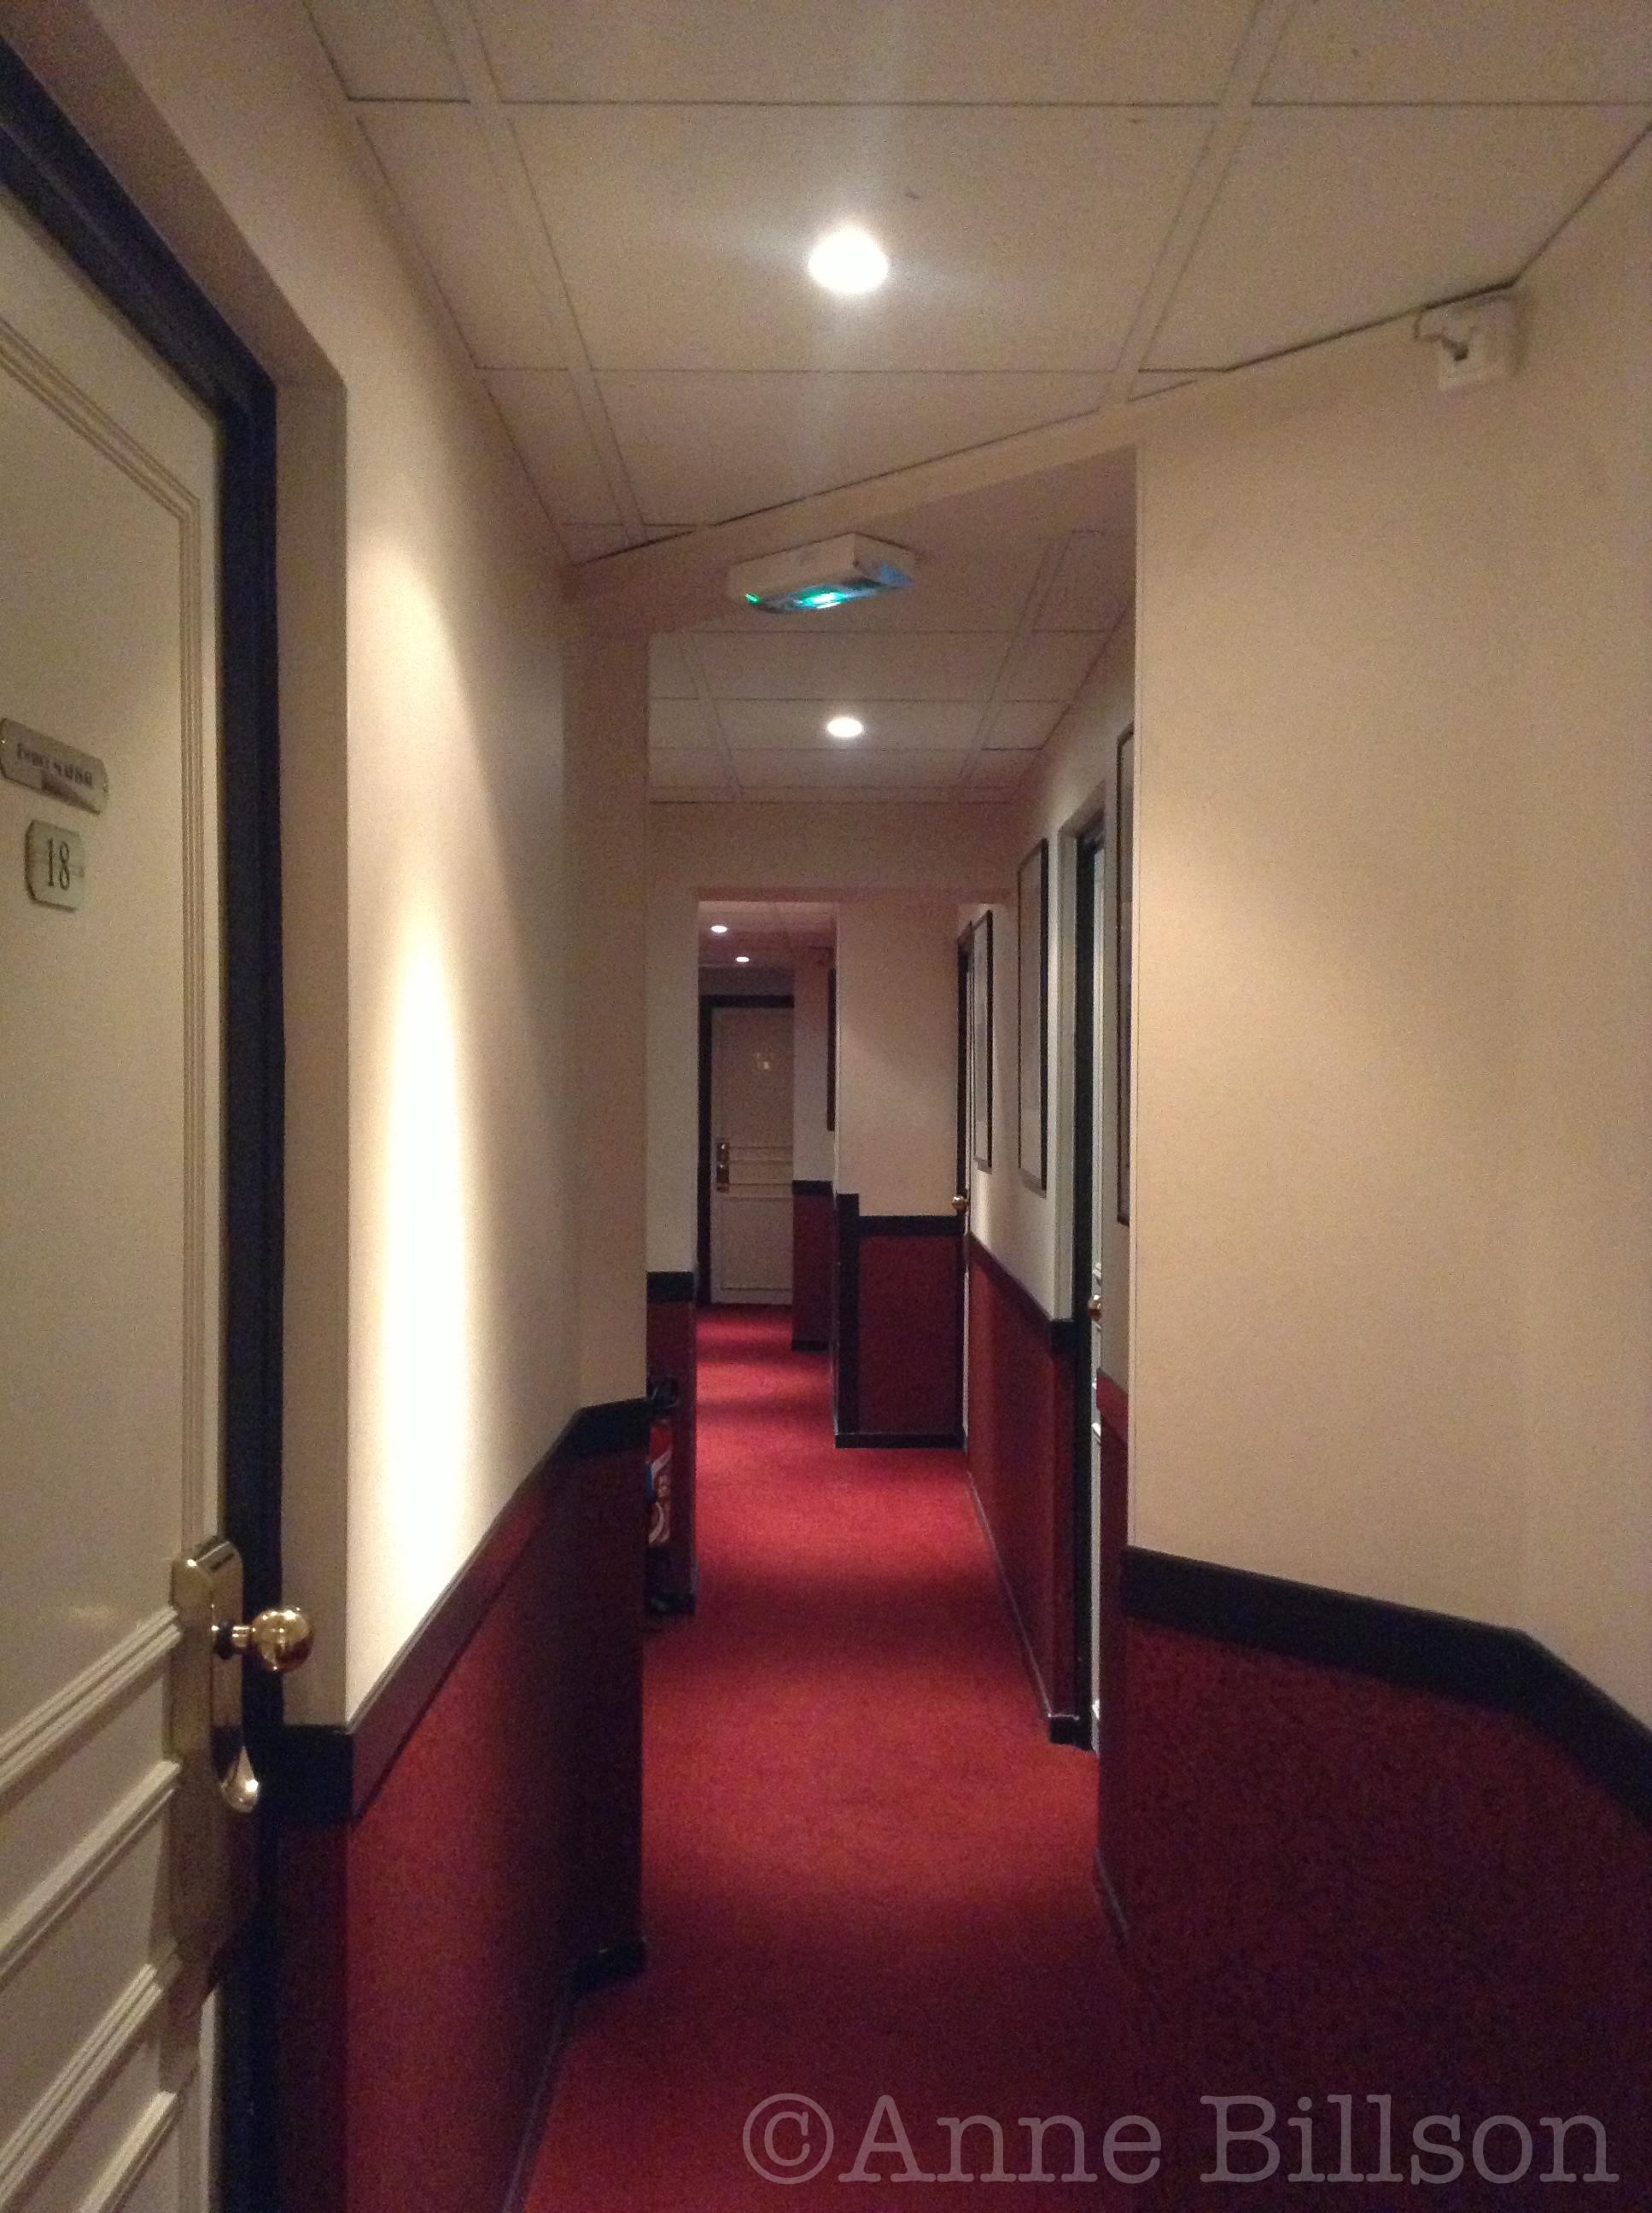 Ai No Corridor Hotel Corridors And Me Multiglom